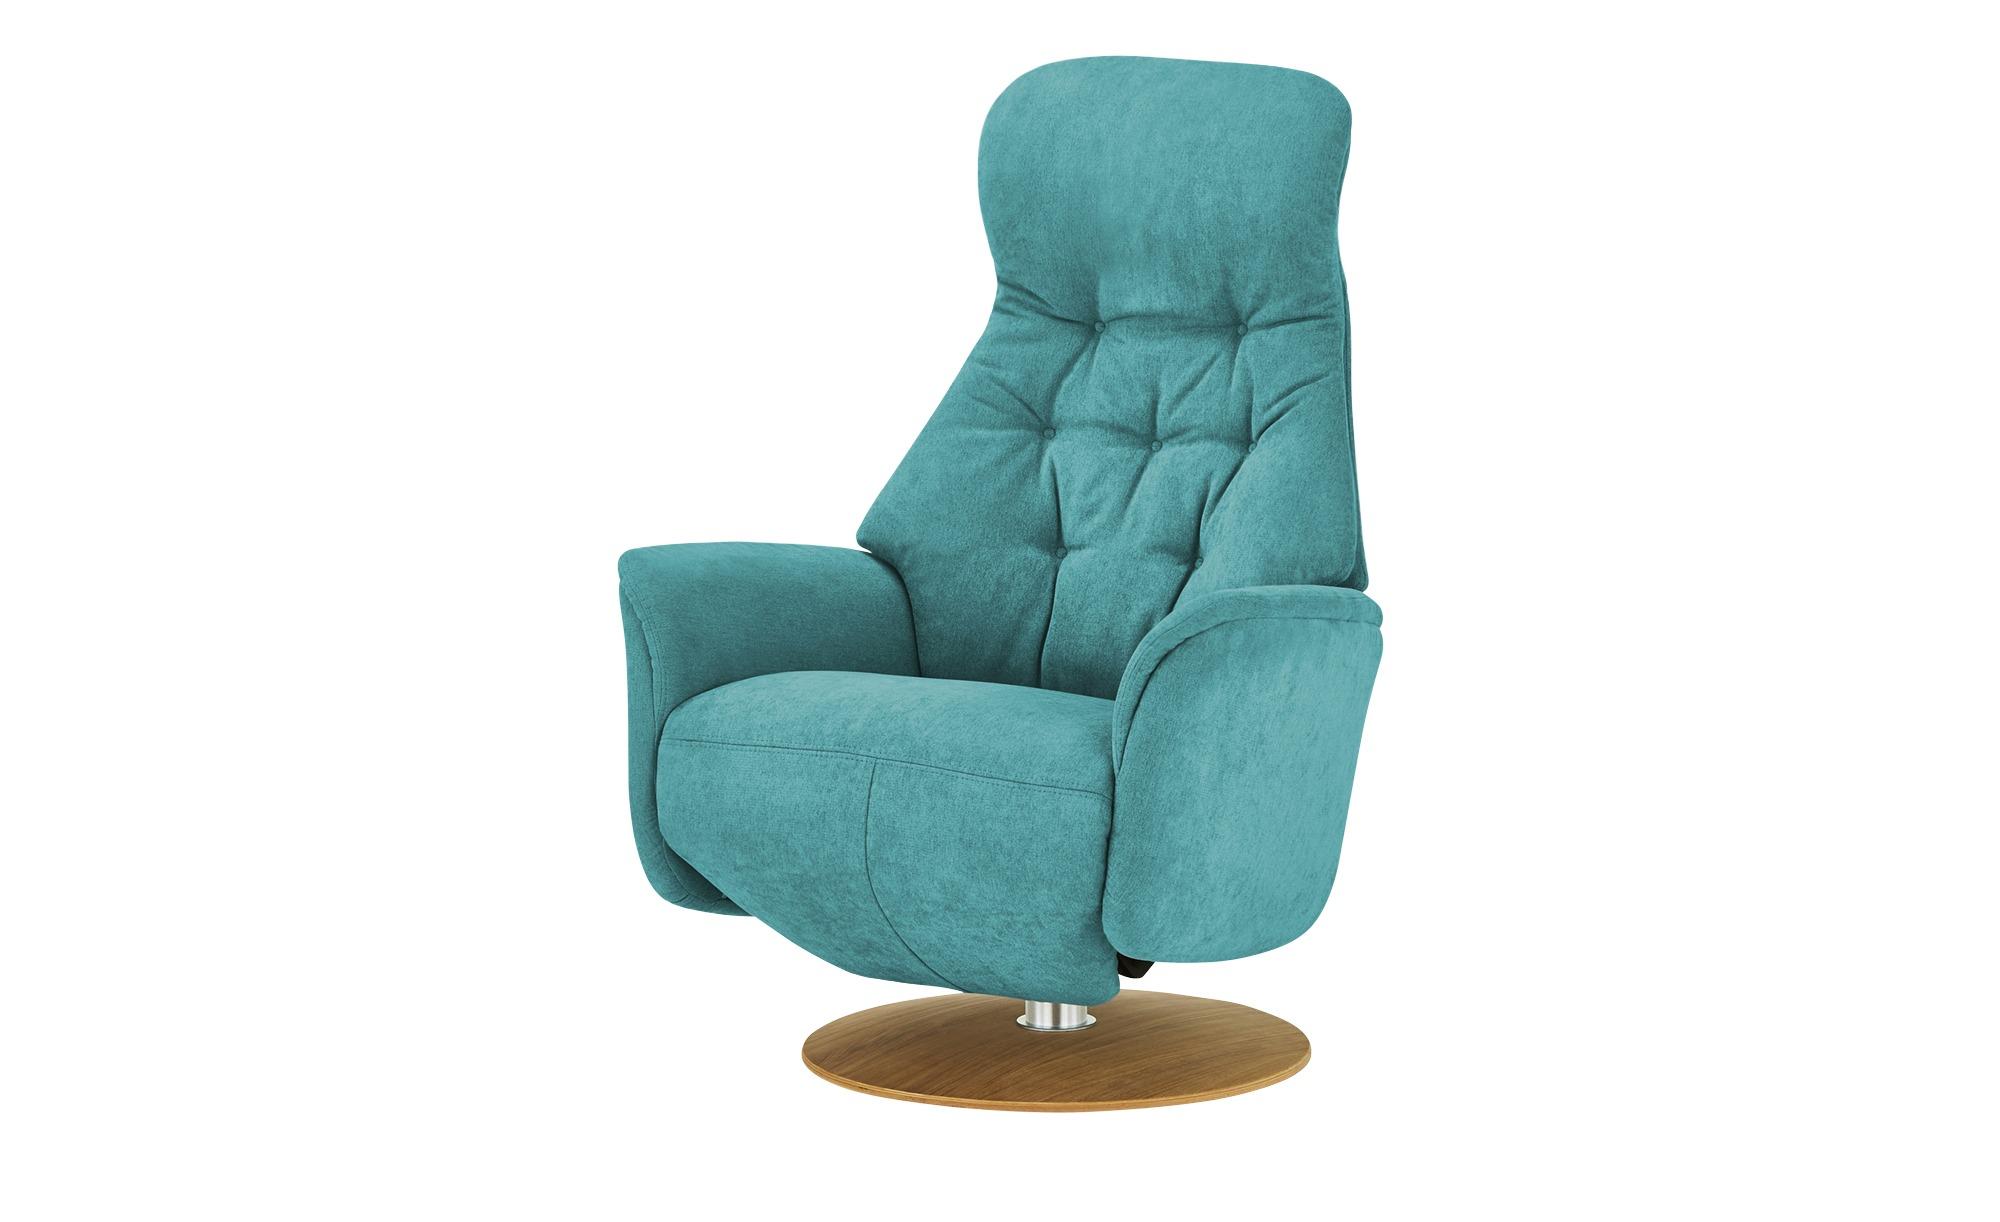 Nils Olsen Relaxsessel  Arend ¦ türkis/petrol ¦ Maße (cm): B: 74 H: 110 T: 80 Polstermöbel > Sessel > Fernsehsessel - Höffner